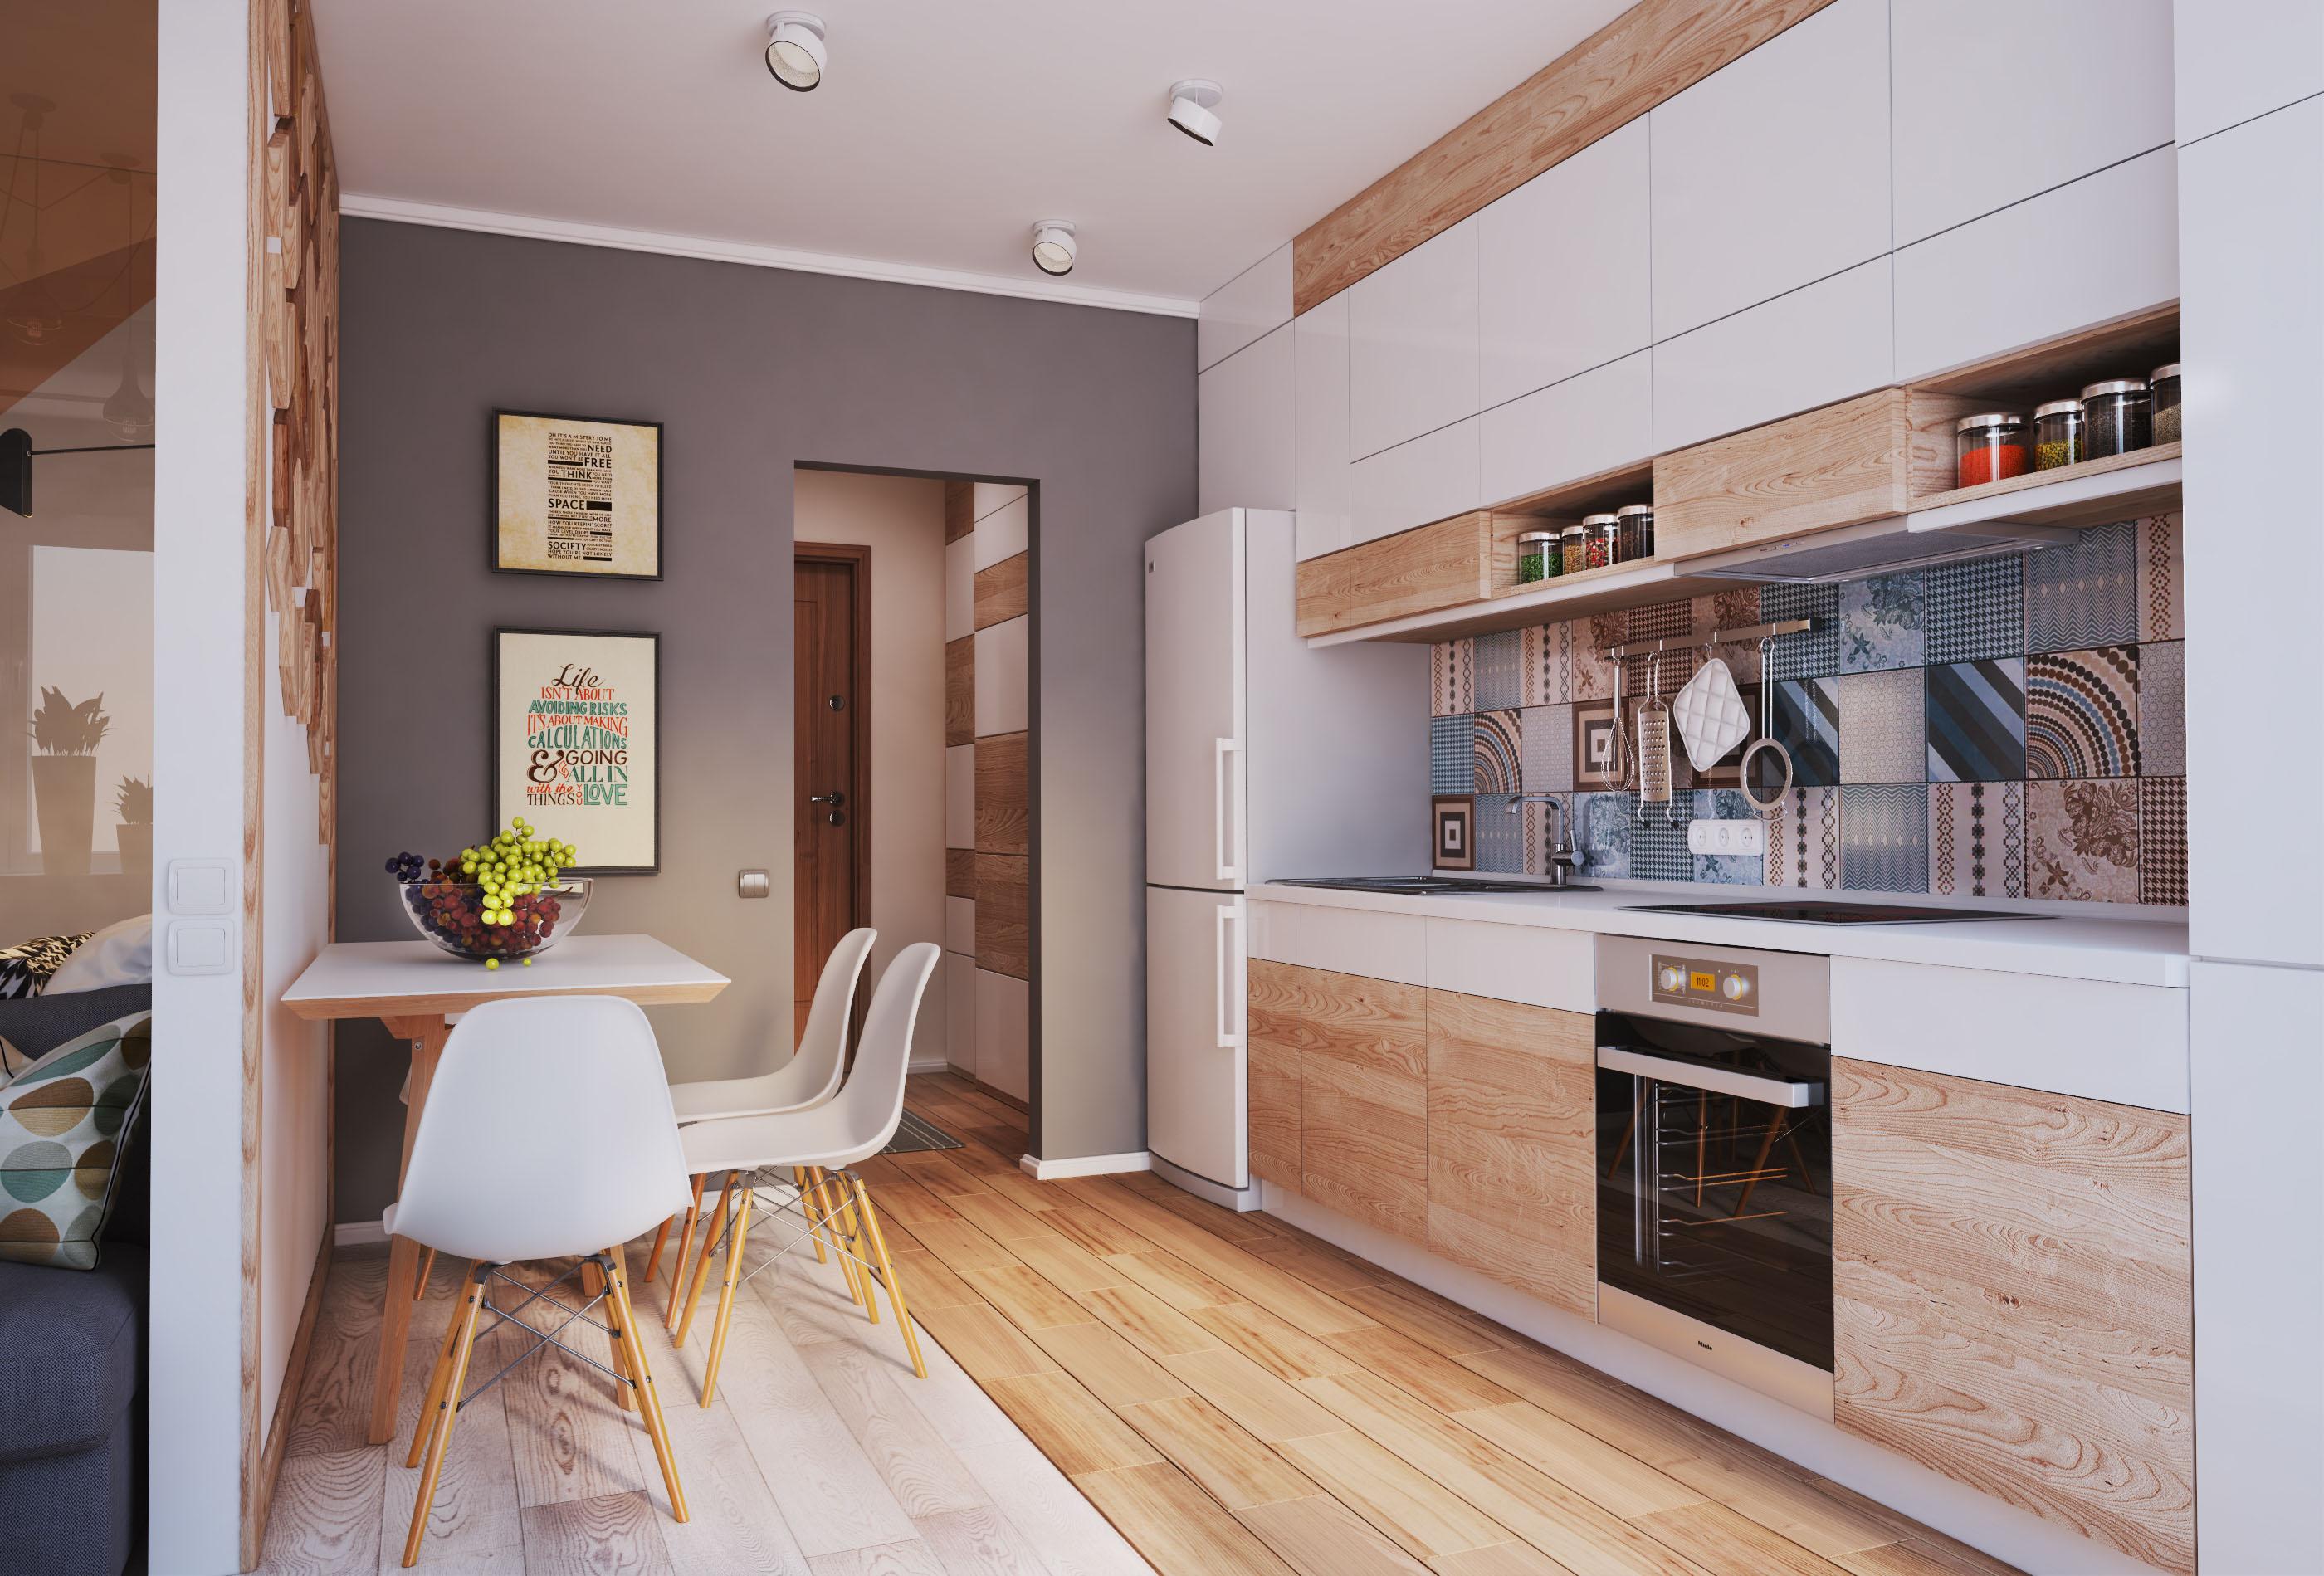 Современный дизайн интерьера кухни гостинной